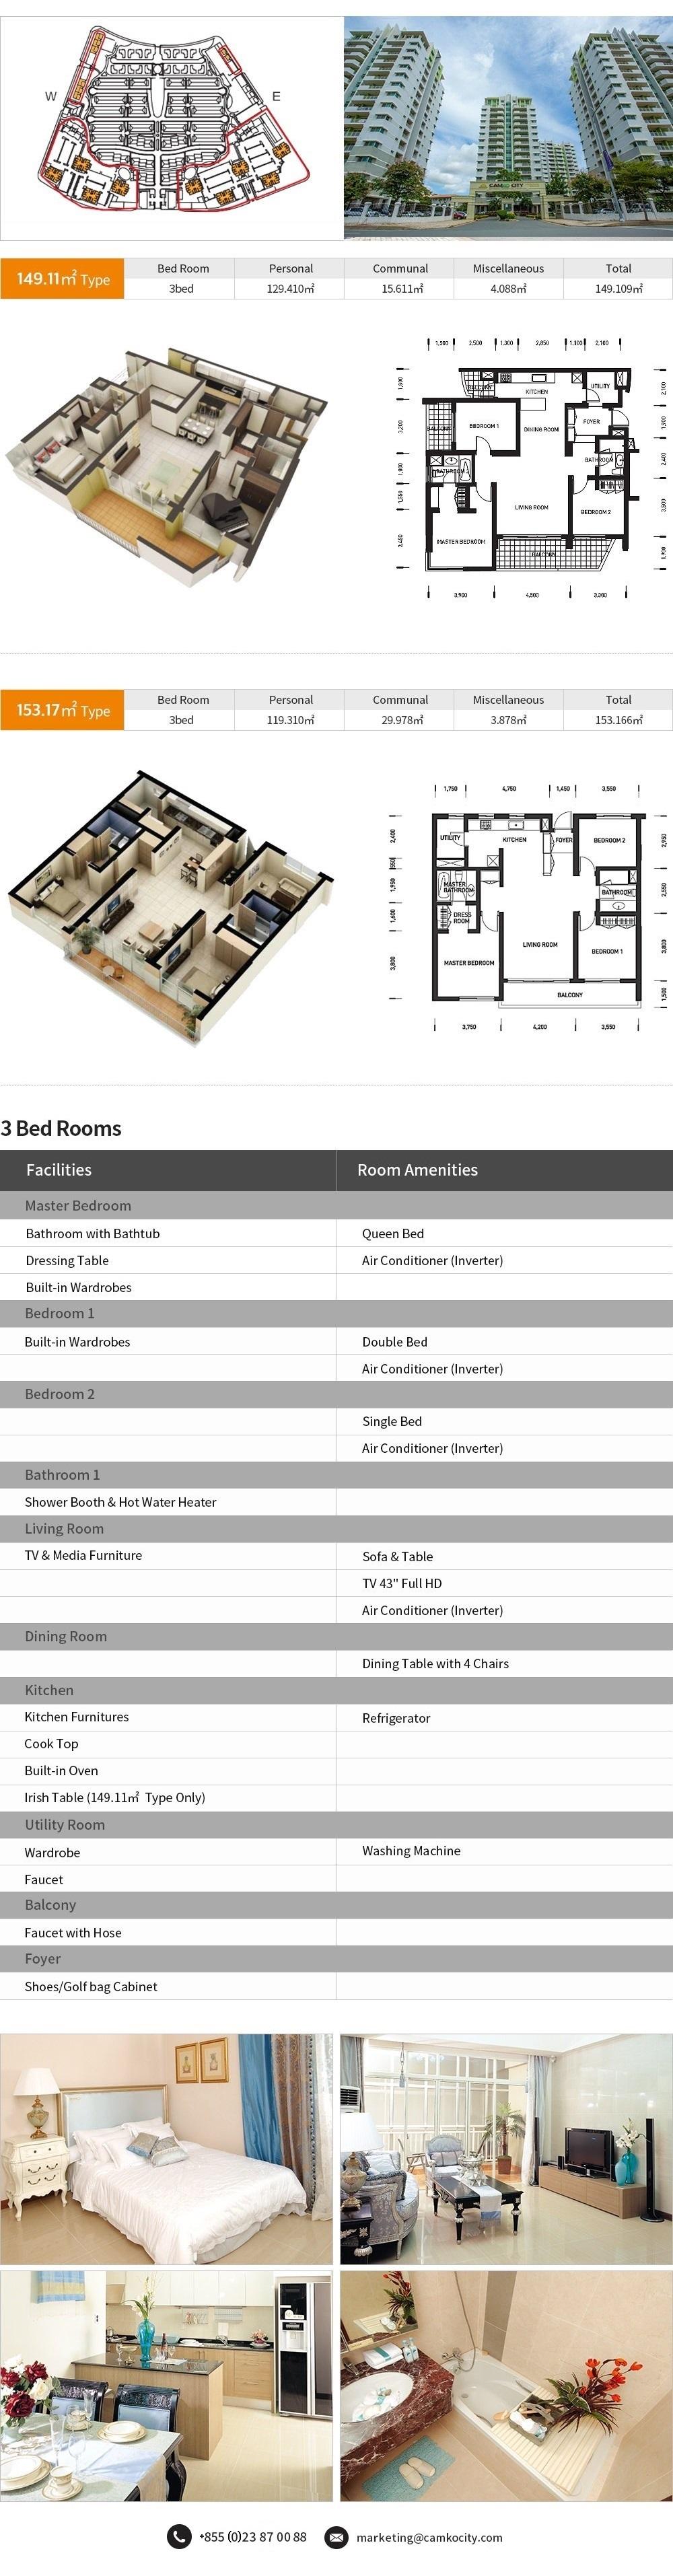 3-bedrooms-condo